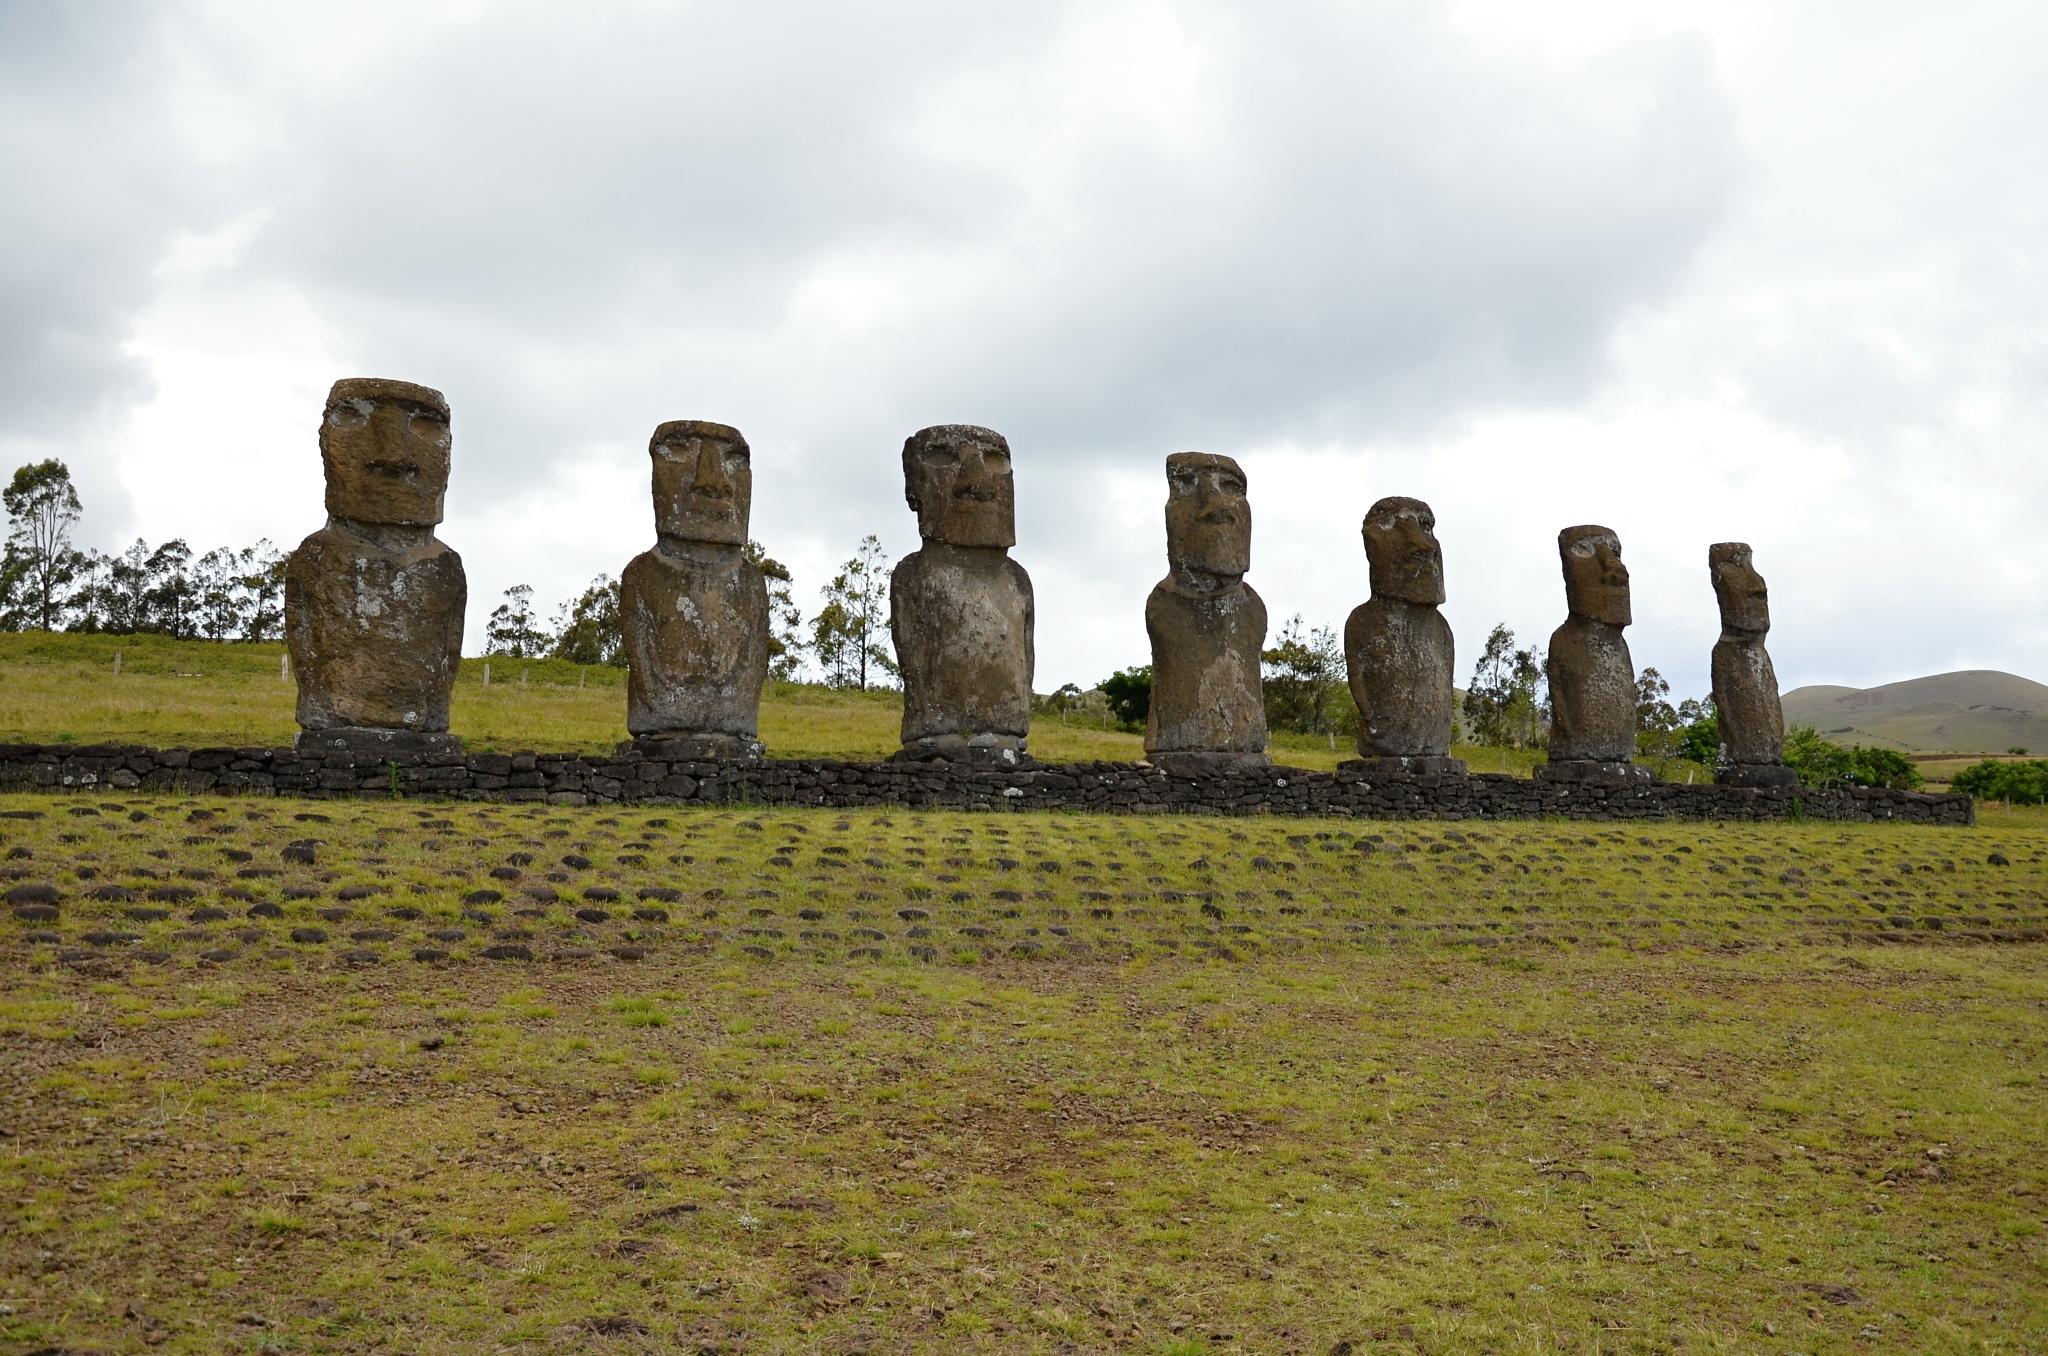 Sedm Moai představujících sedm průzkumníků